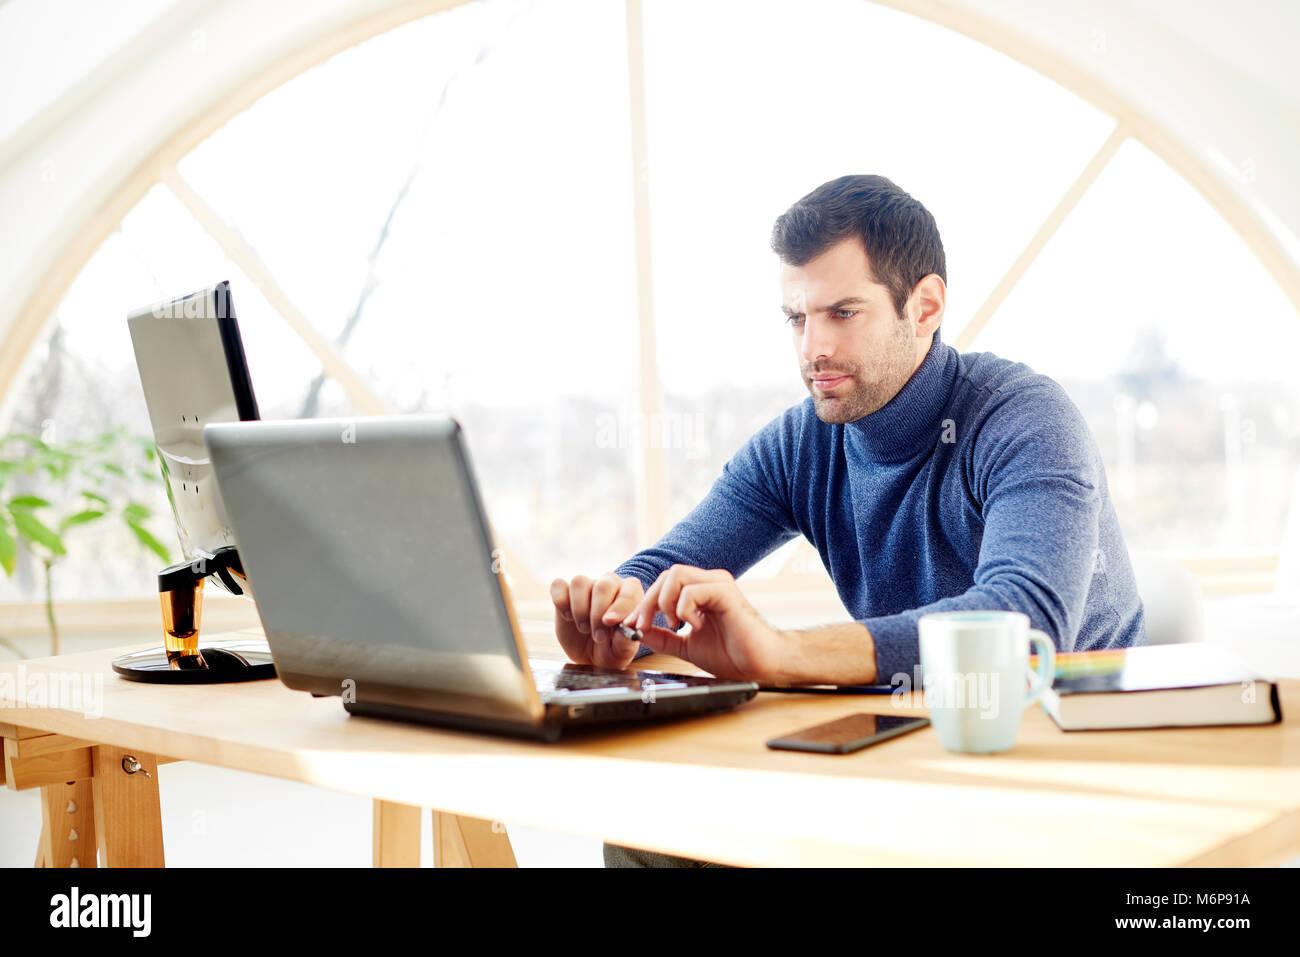 Porträt der jungen casual Geschäftsmann mit Laptop, während Sie im Büro arbeiten. Stockbild